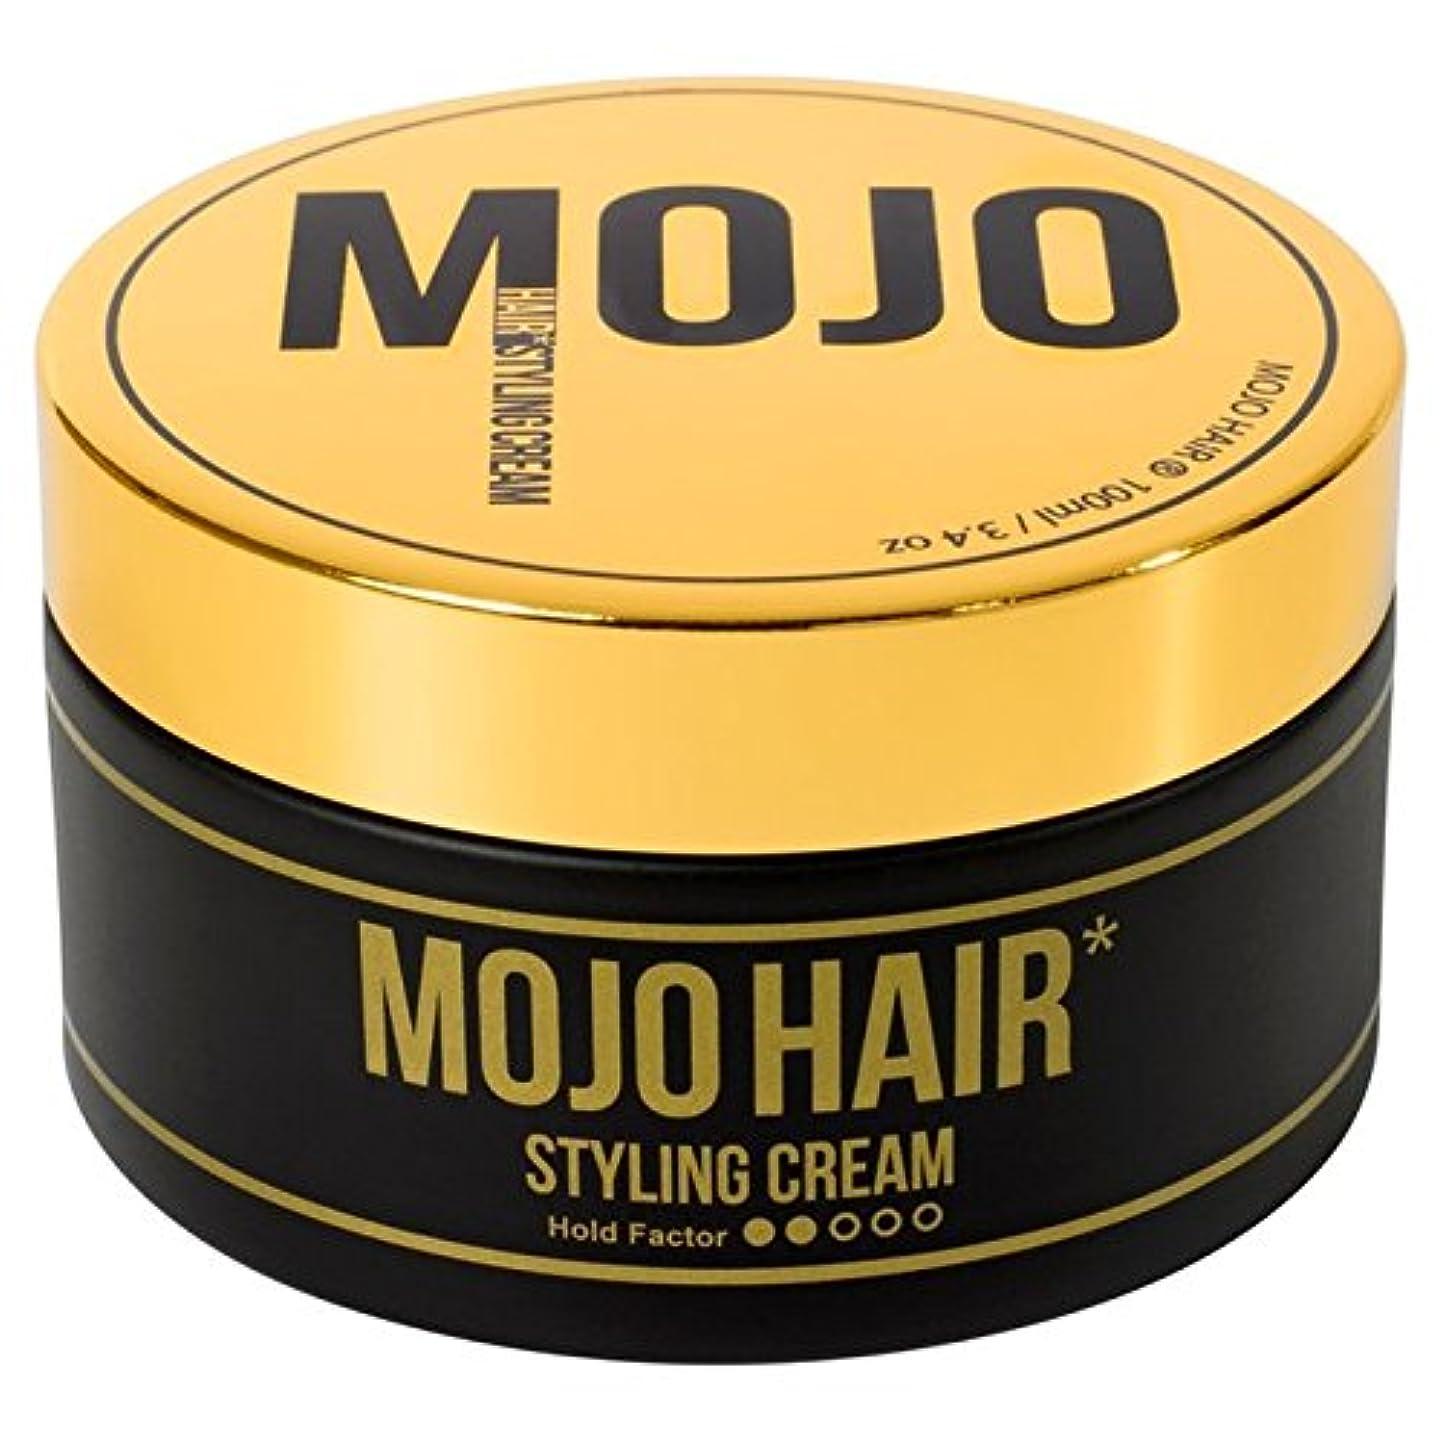 戦士顧問引き付ける100ミリリットル男性のためのモジョのヘアスタイリングクリーム x2 - MOJO HAIR Styling Cream for Men 100ml (Pack of 2) [並行輸入品]